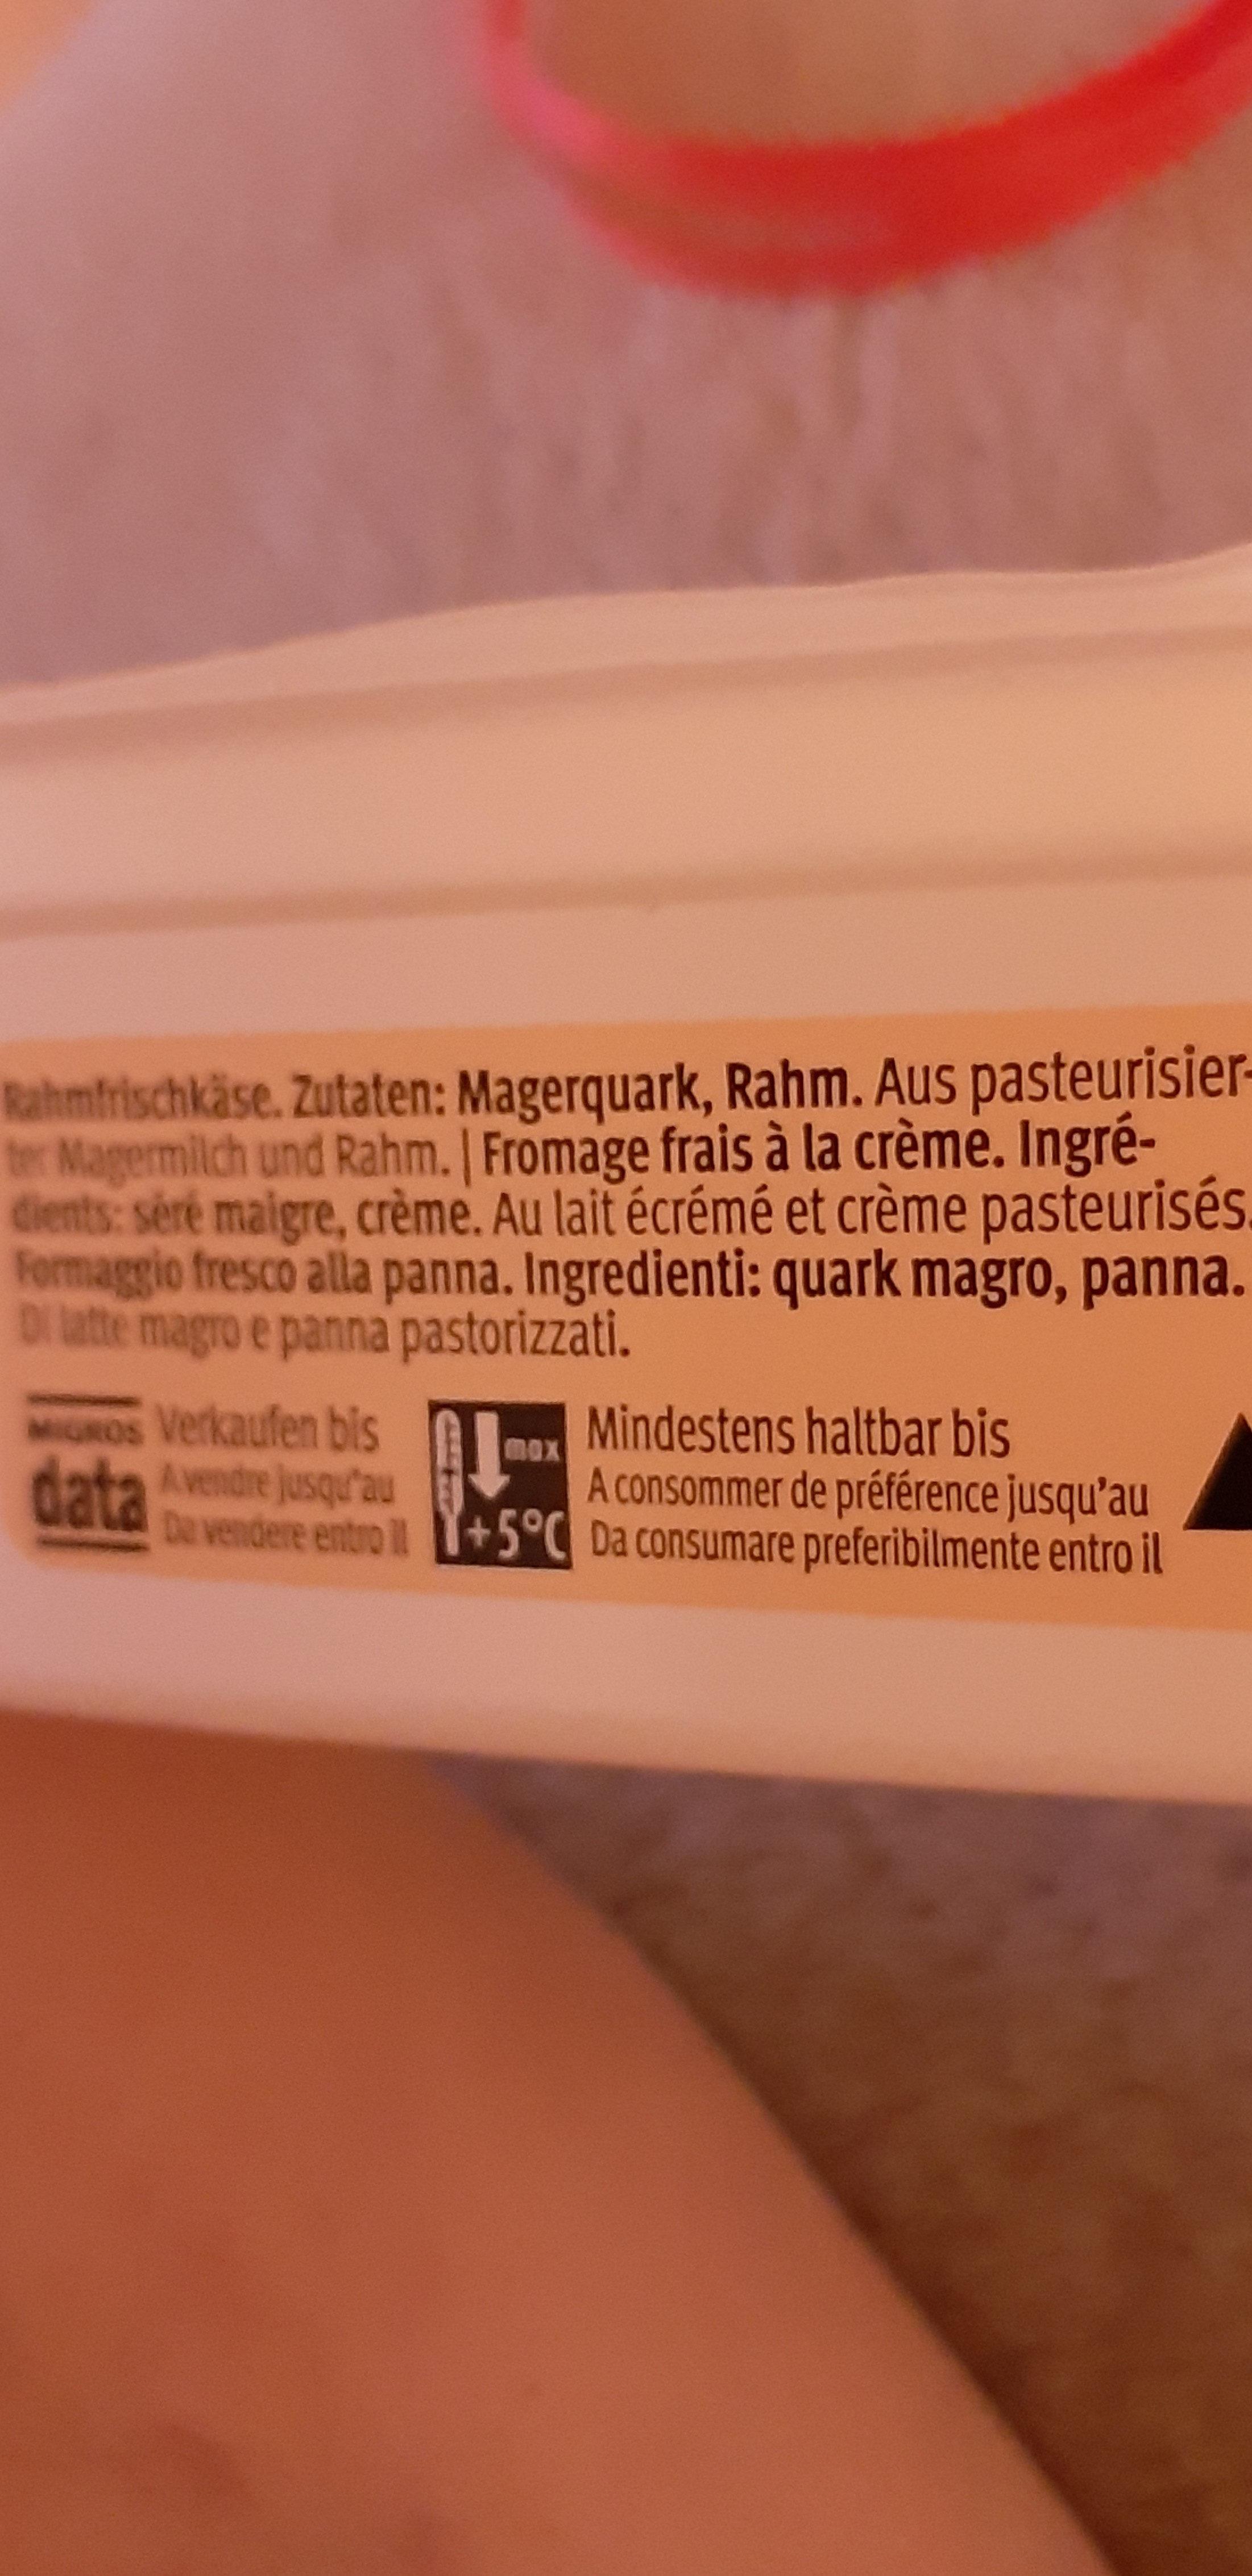 Rahmquark - Ingredients